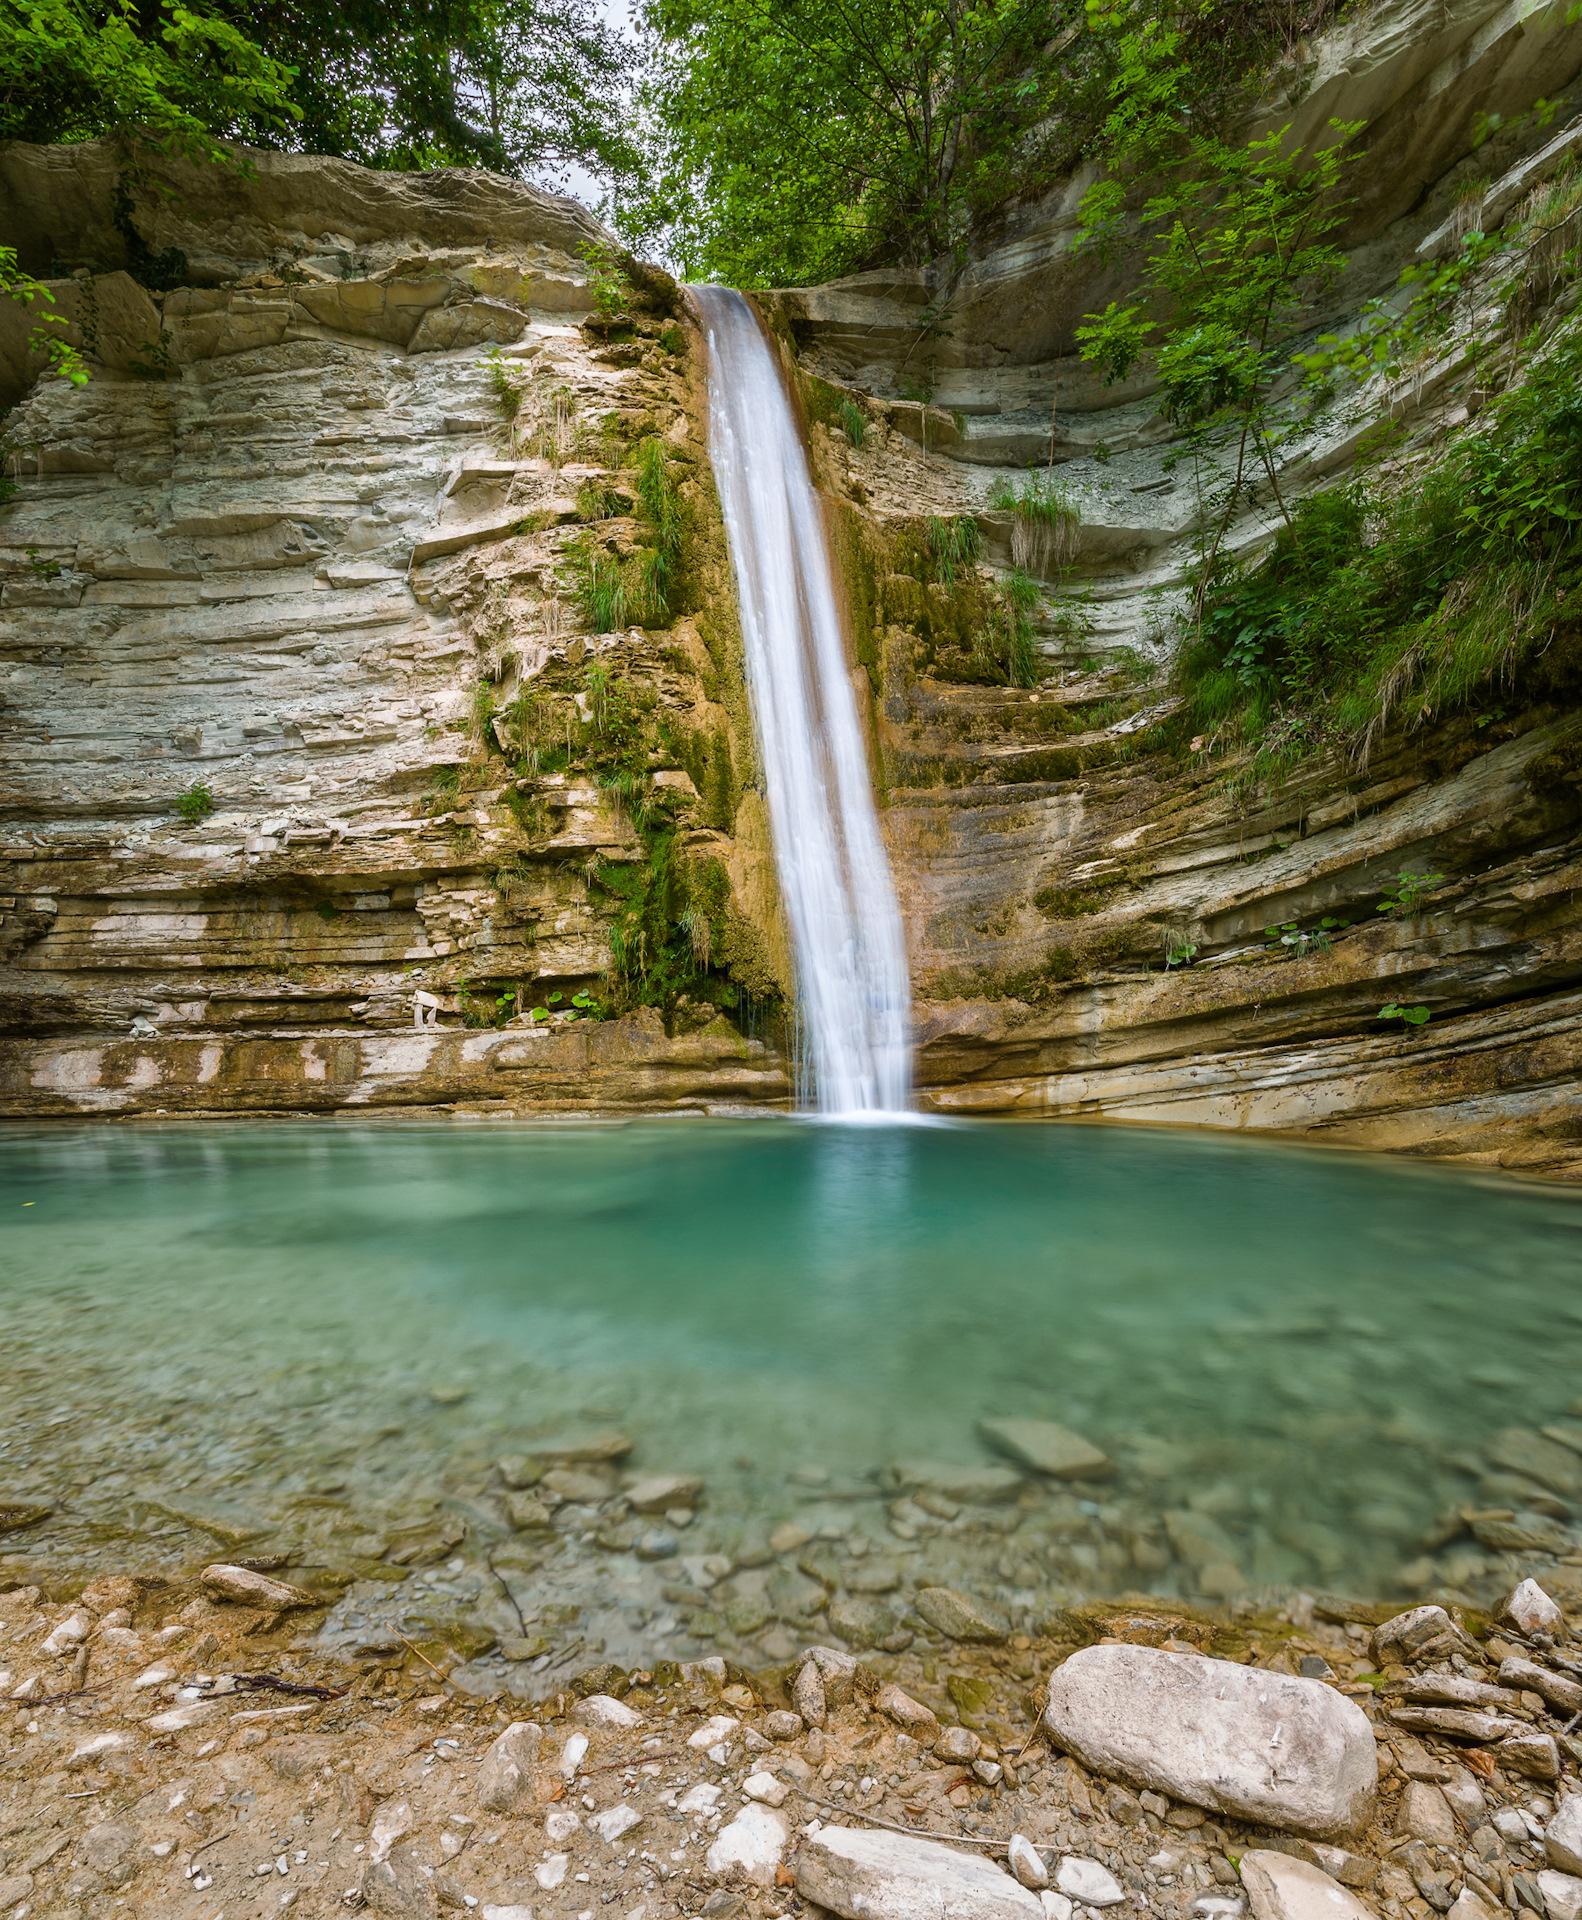 всего, водопад жемчужный анапа фото вам